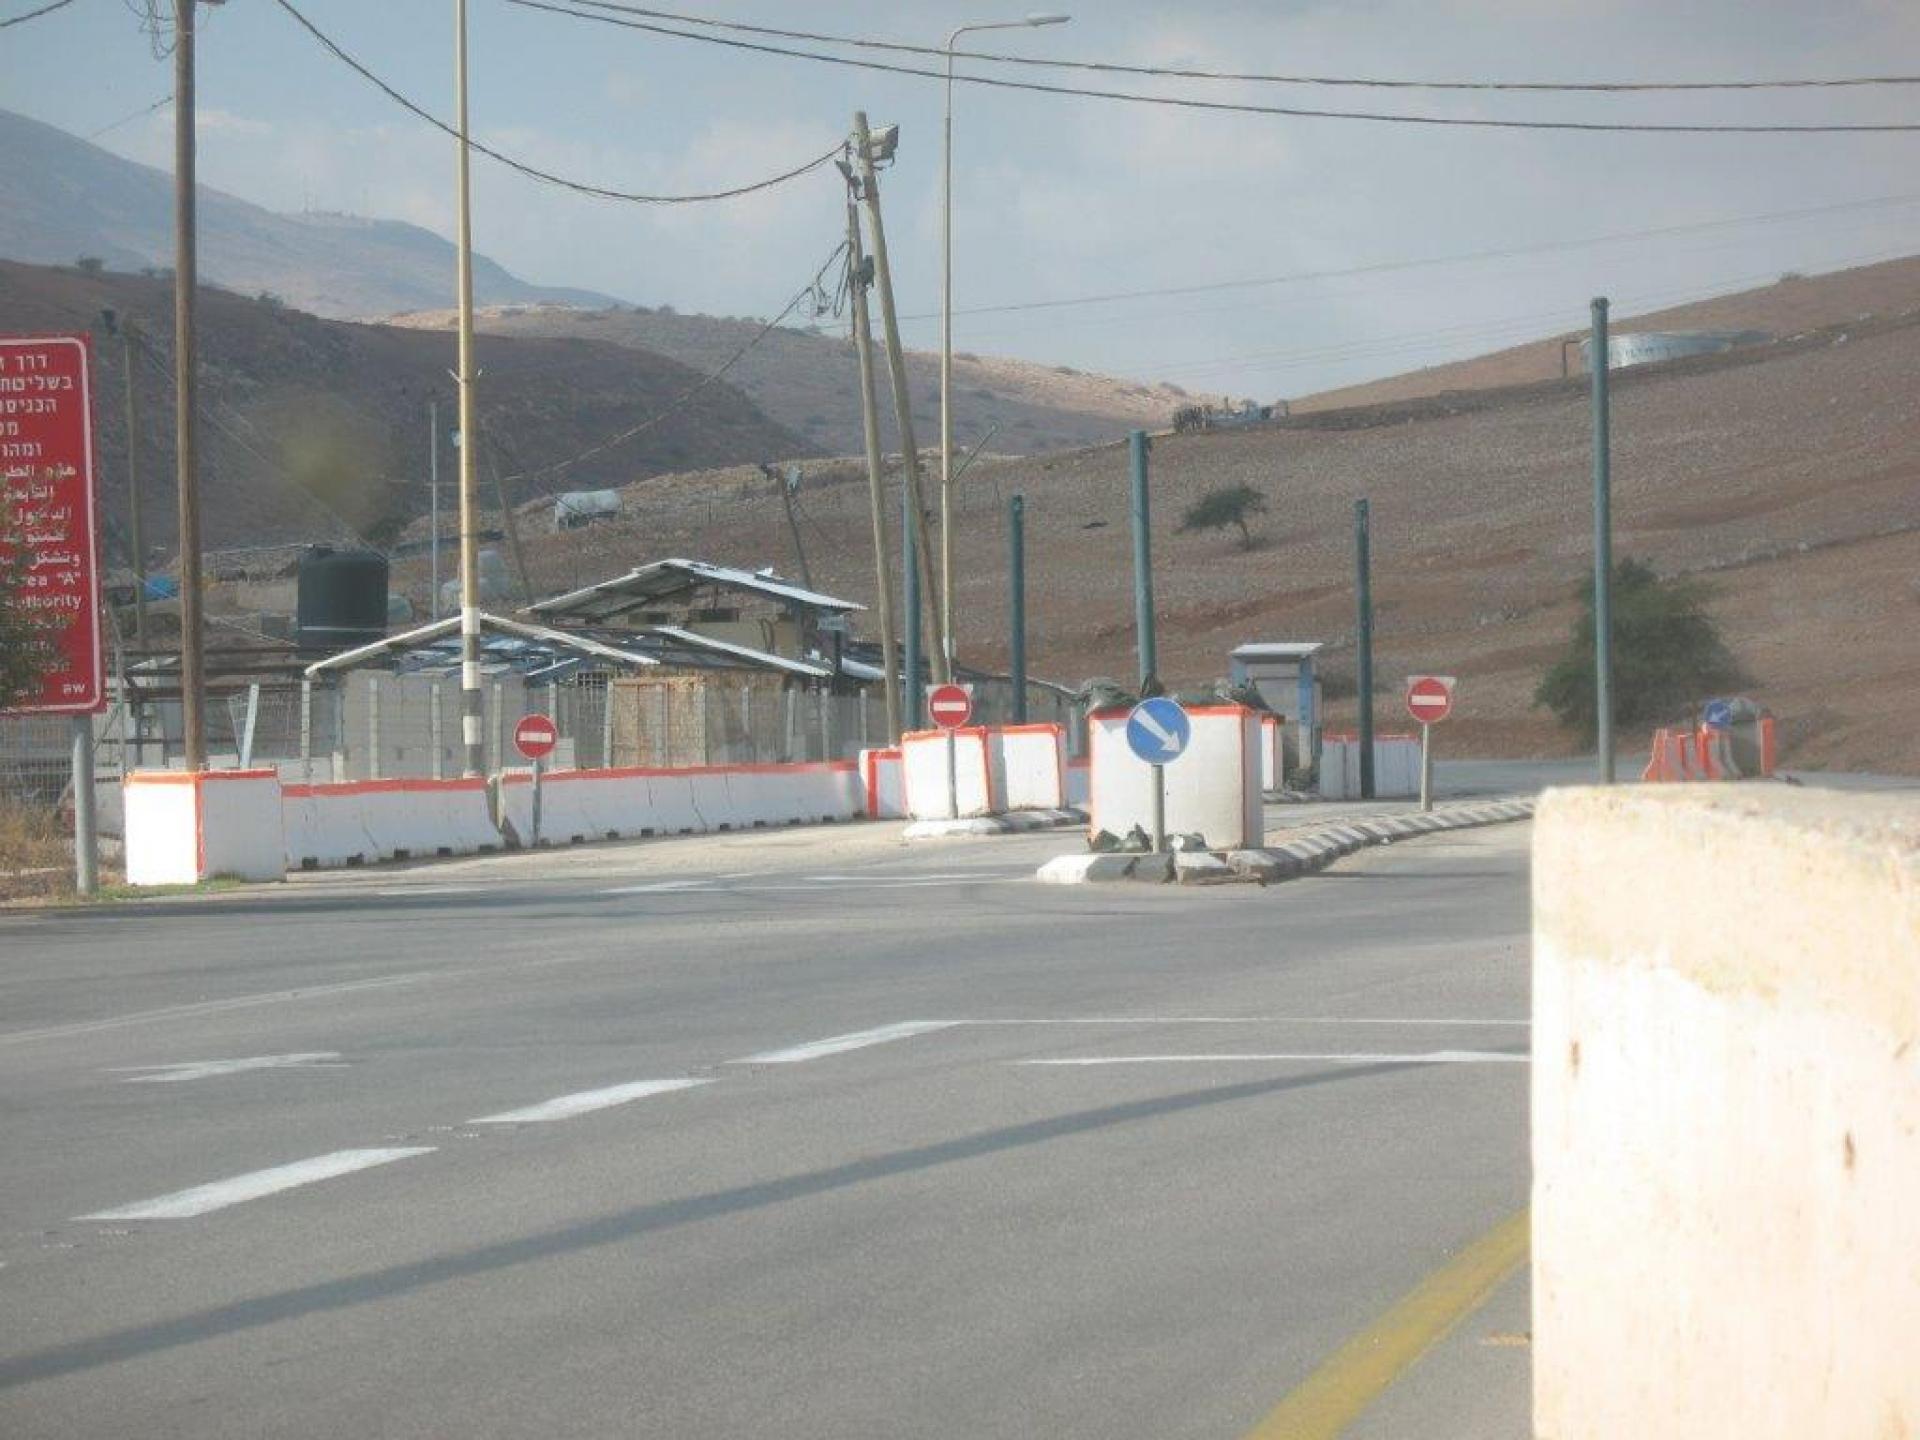 בקעת הירדן: מחסום חמרה